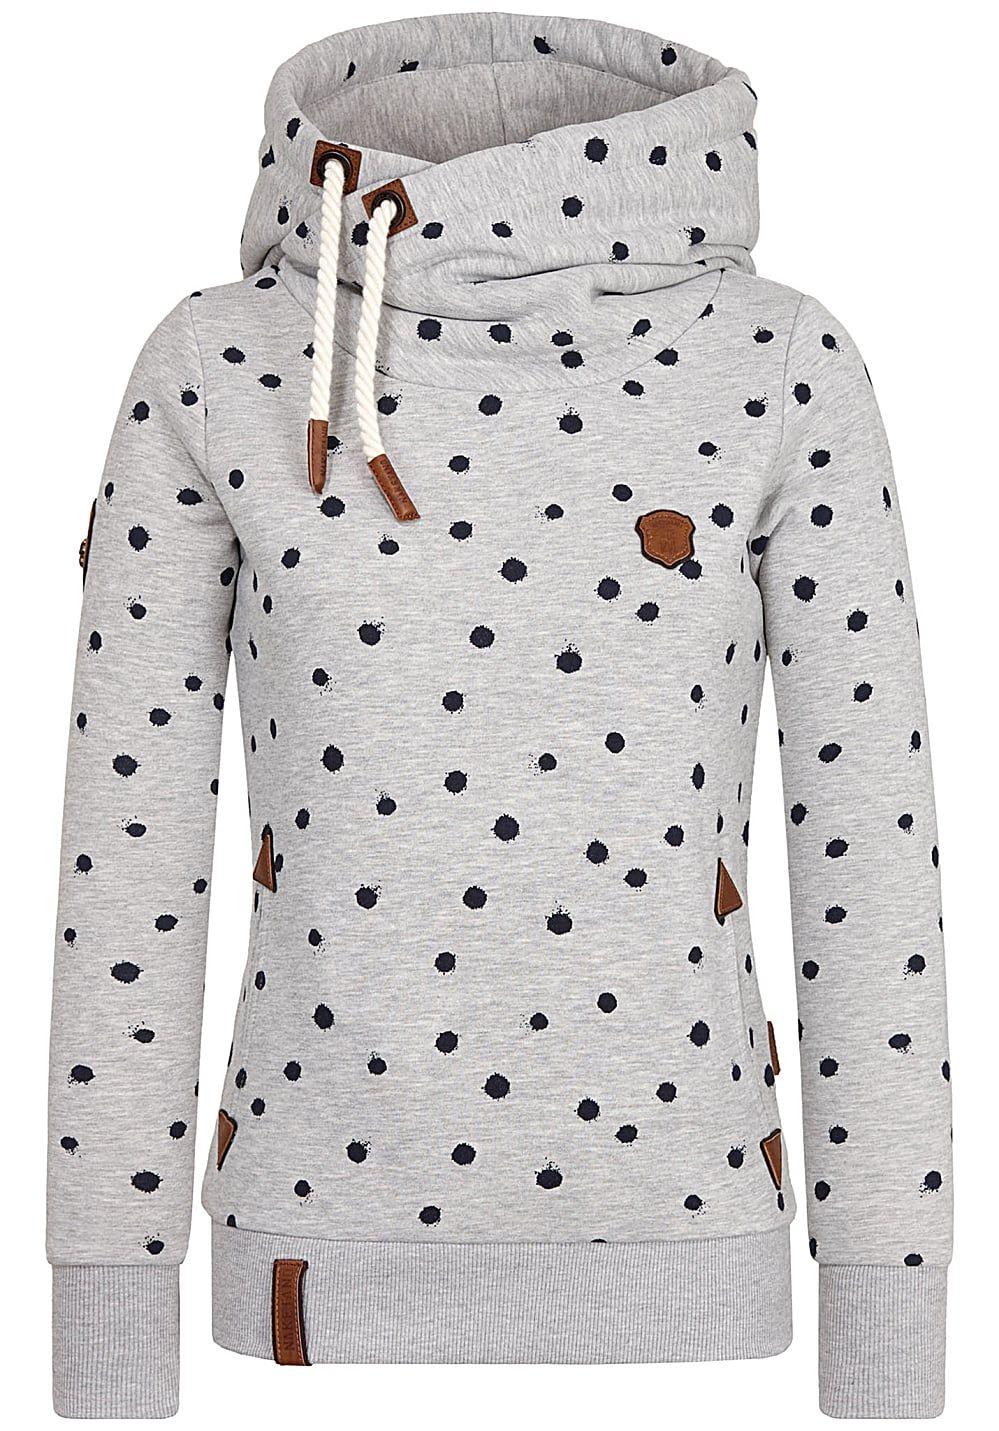 Naketano Genitalalarm Kapuzenpullover für Damen #pullover